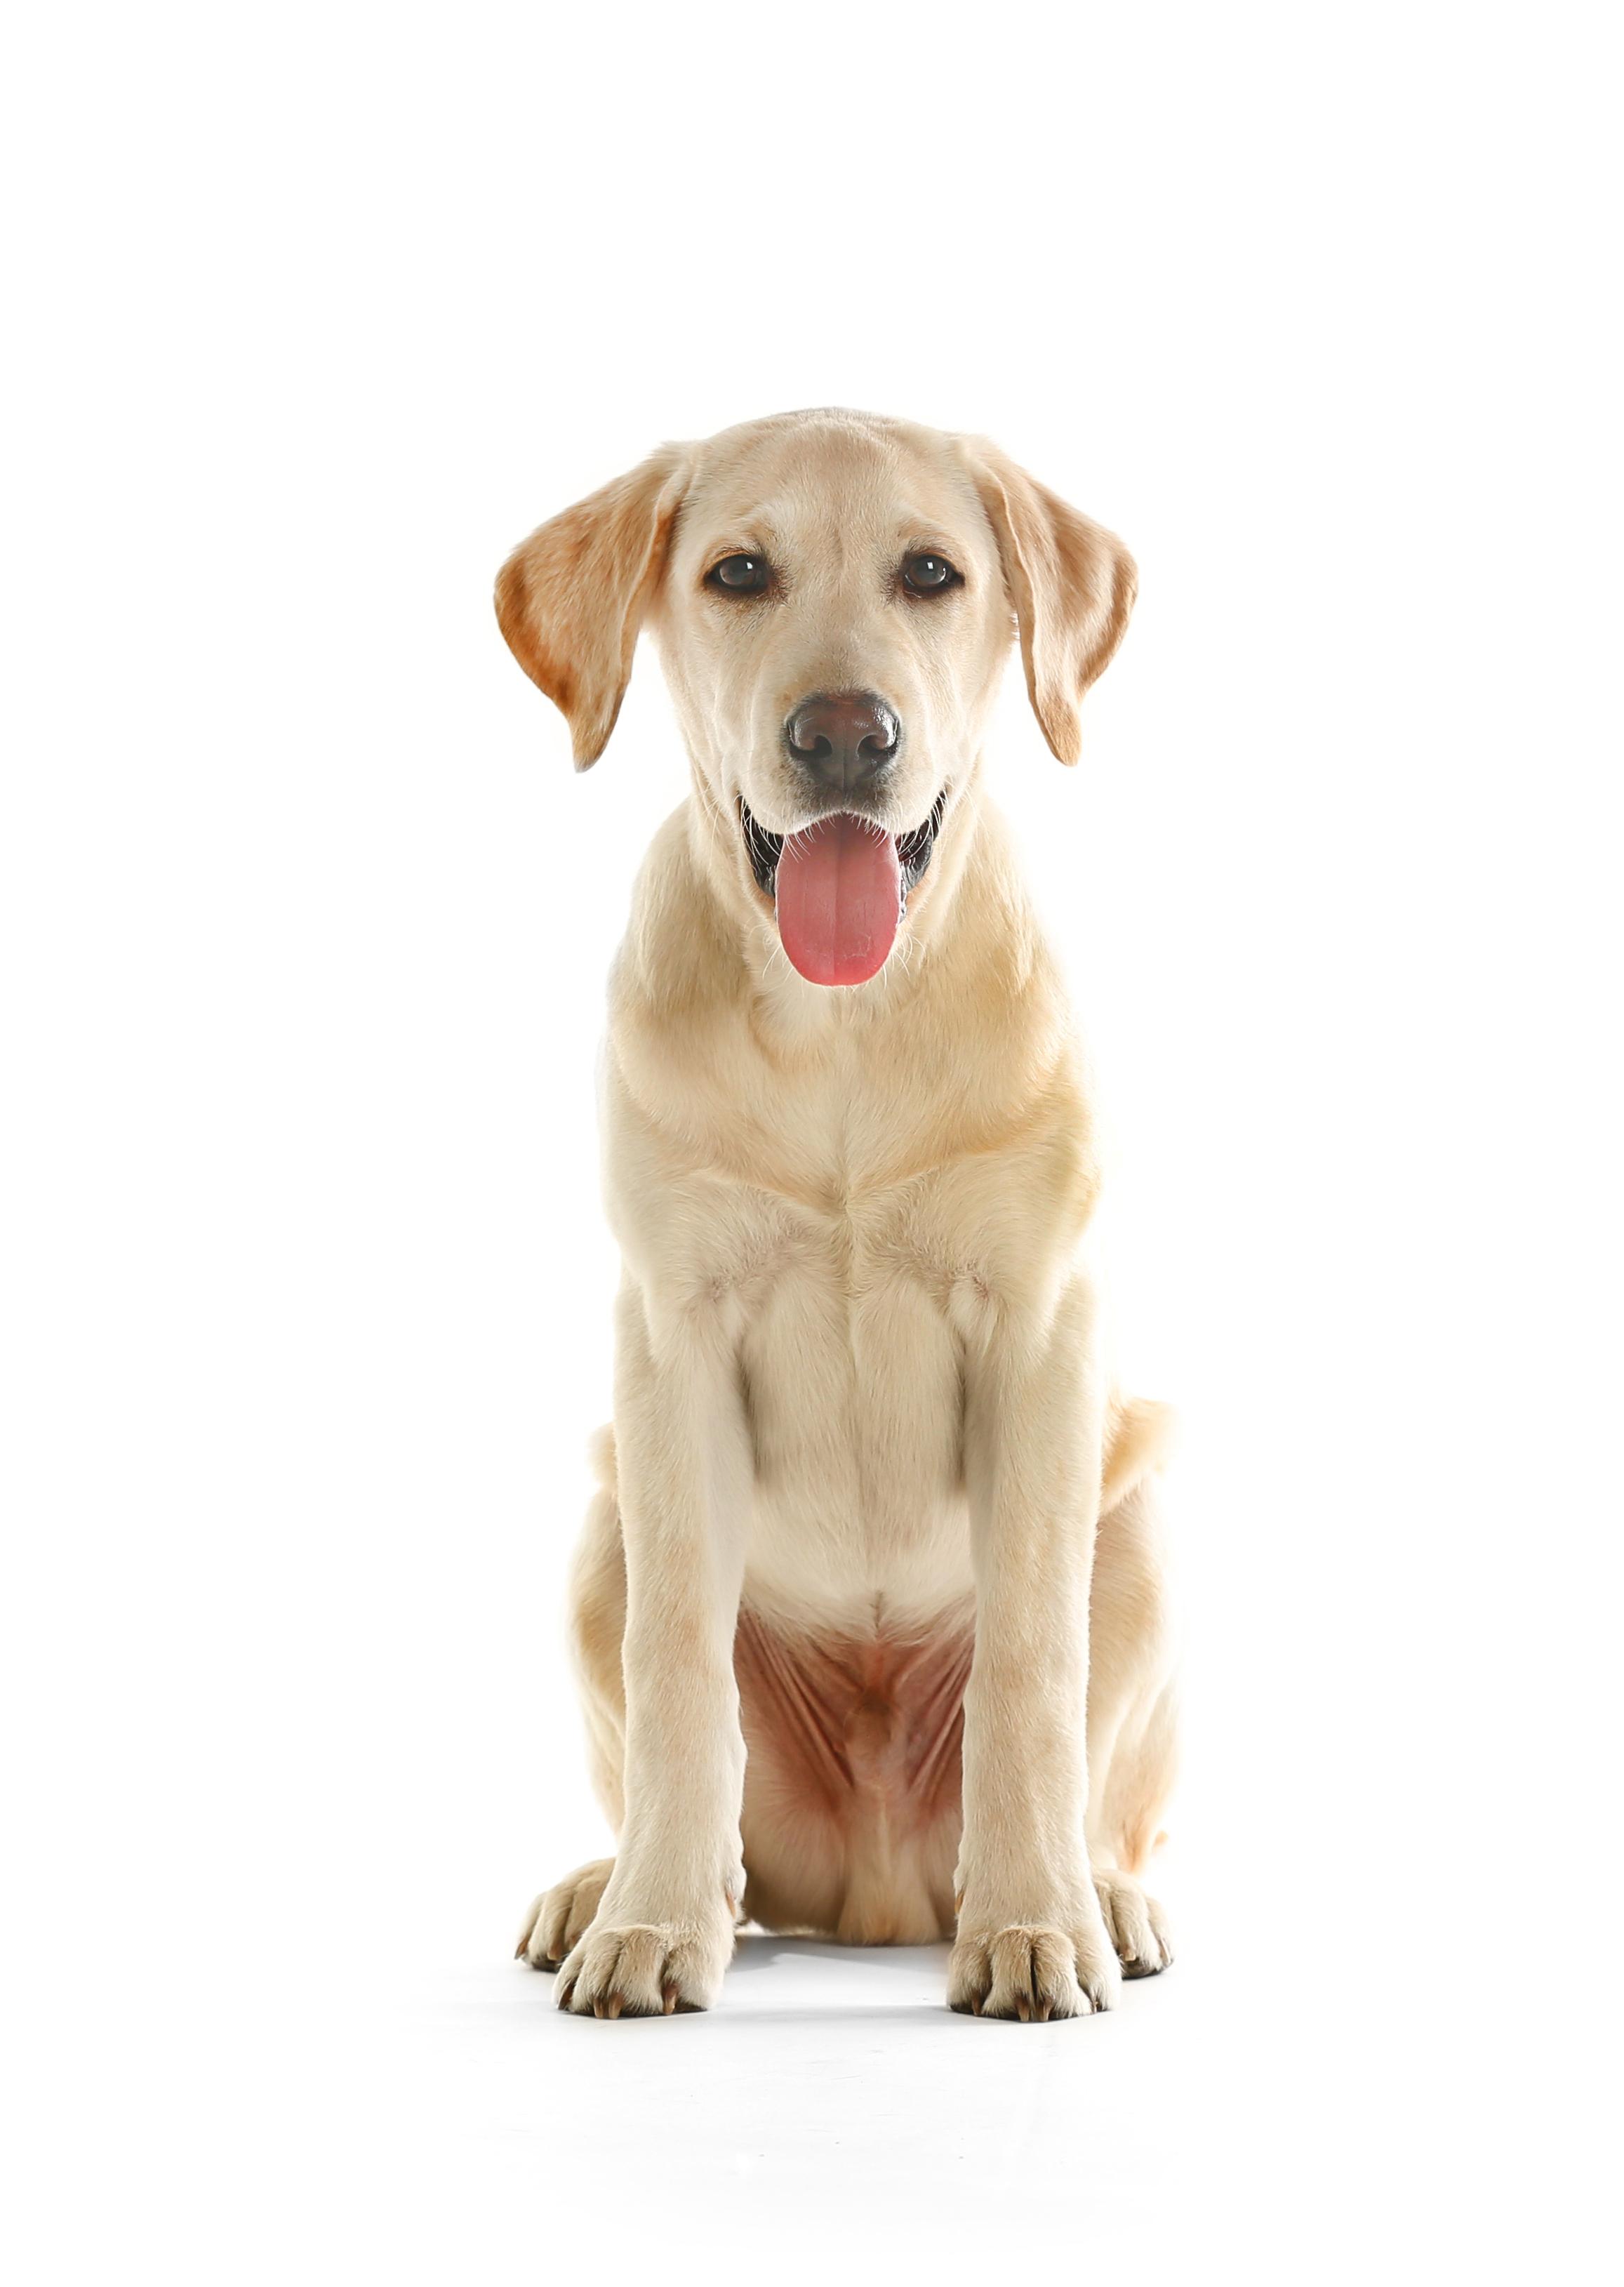 02.-Labrador-retriever.jpg